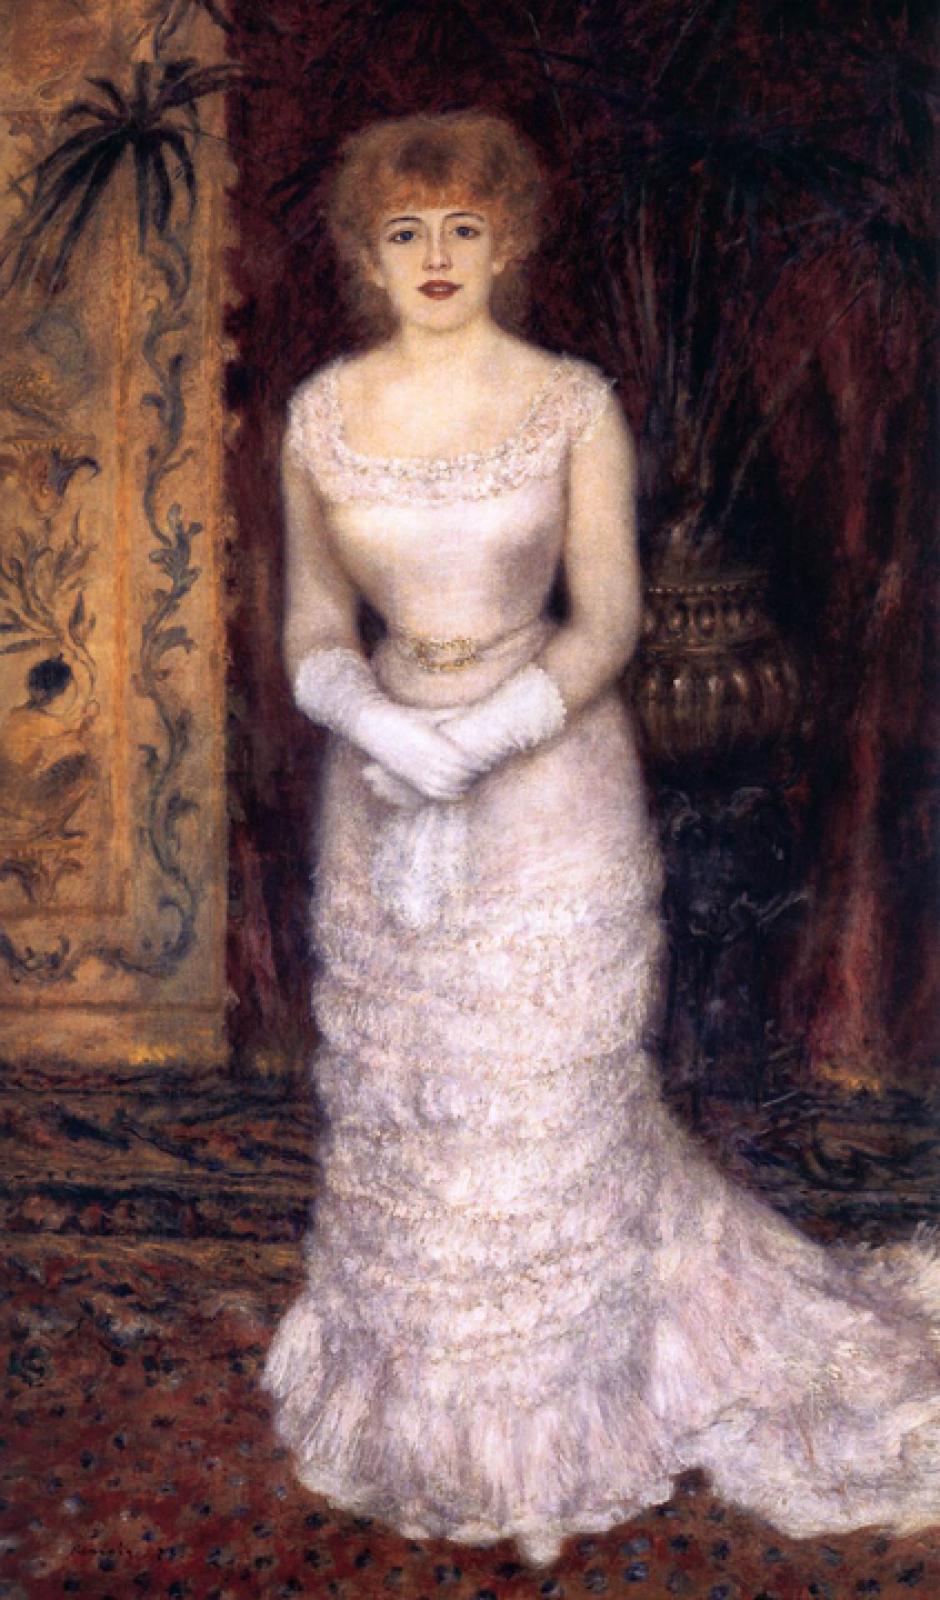 Пьер Огюст Ренуар. Портрет актрисы Жанны Самари. 1878 год